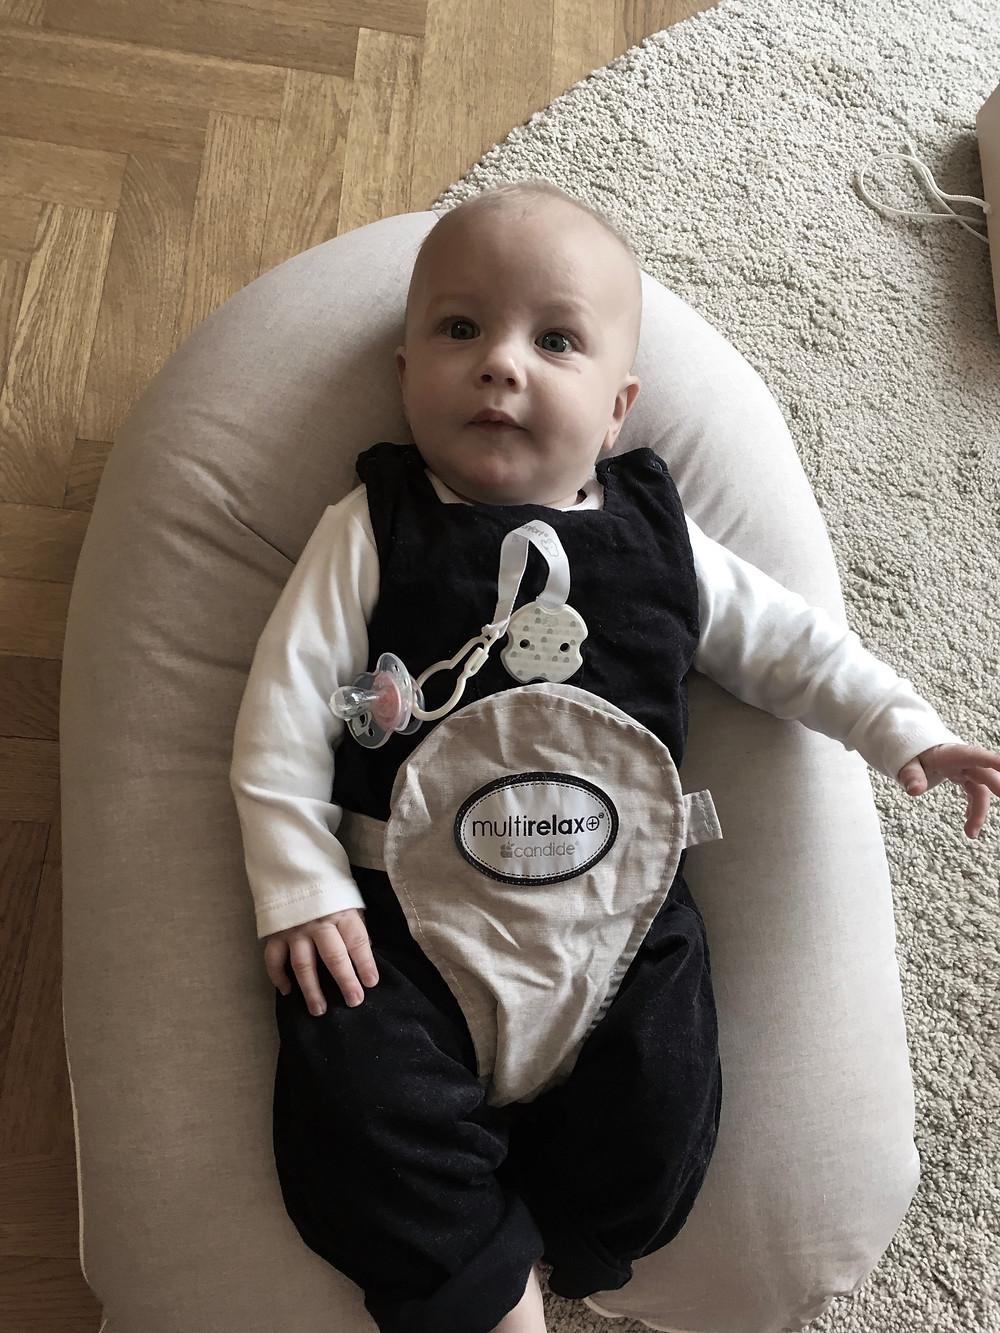 bébé dans mutli relax candide